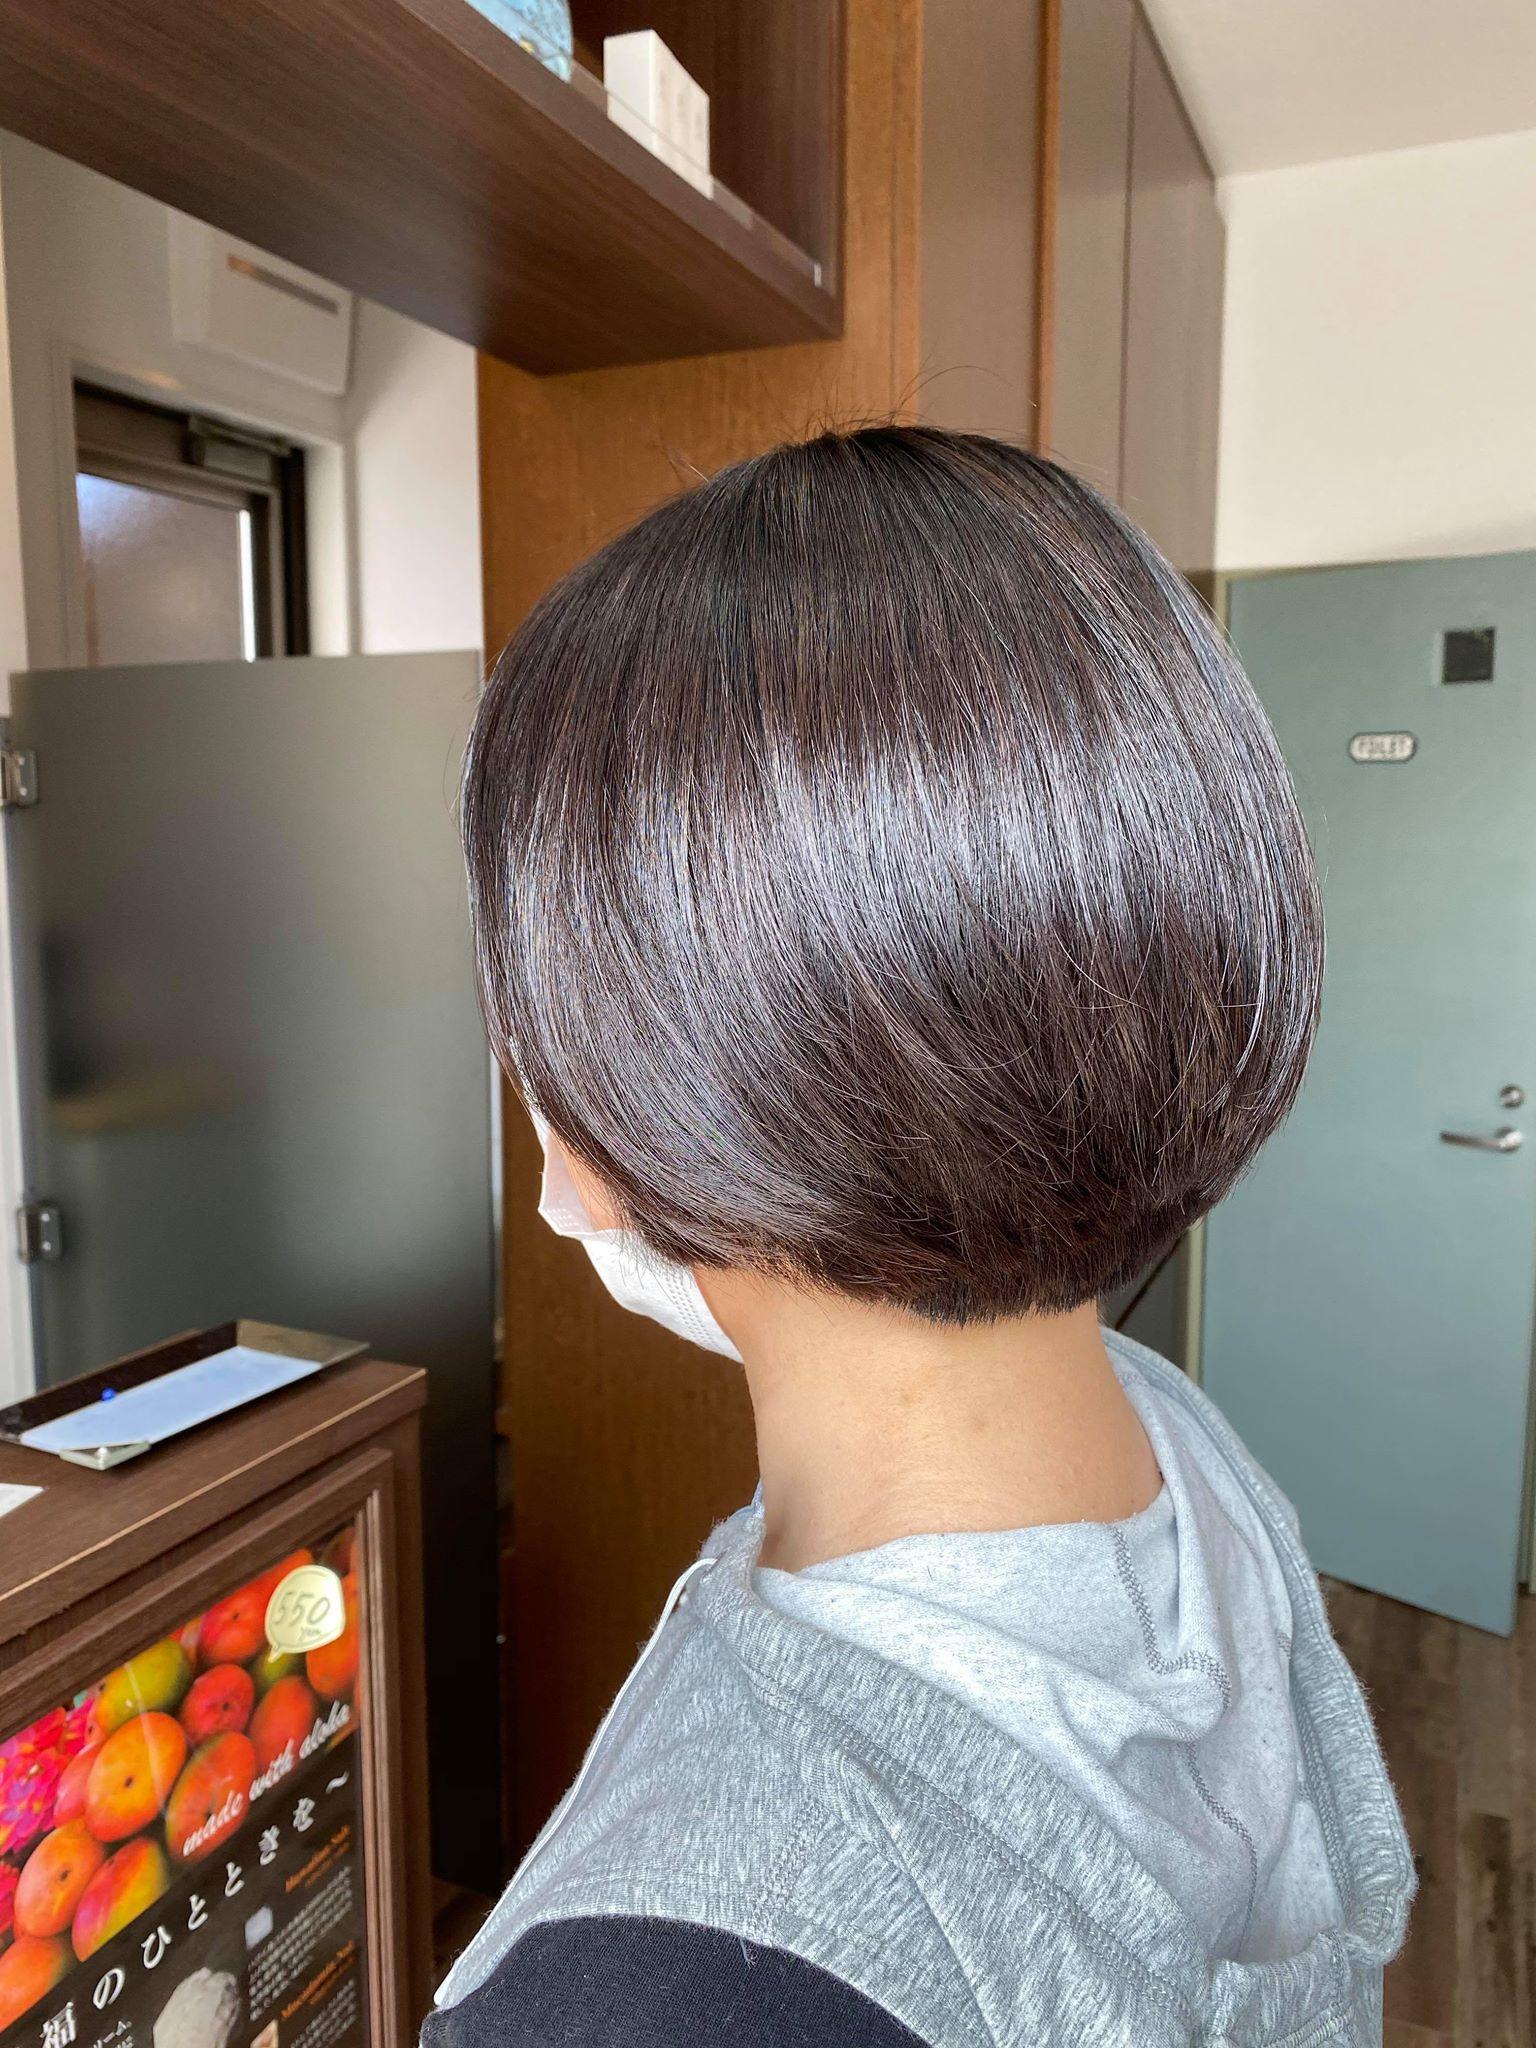 【当店はハウオリ認定サロン】髪質向上と素敵なヘアスタイルをきっかけにあなたの人生を幸せにする場所